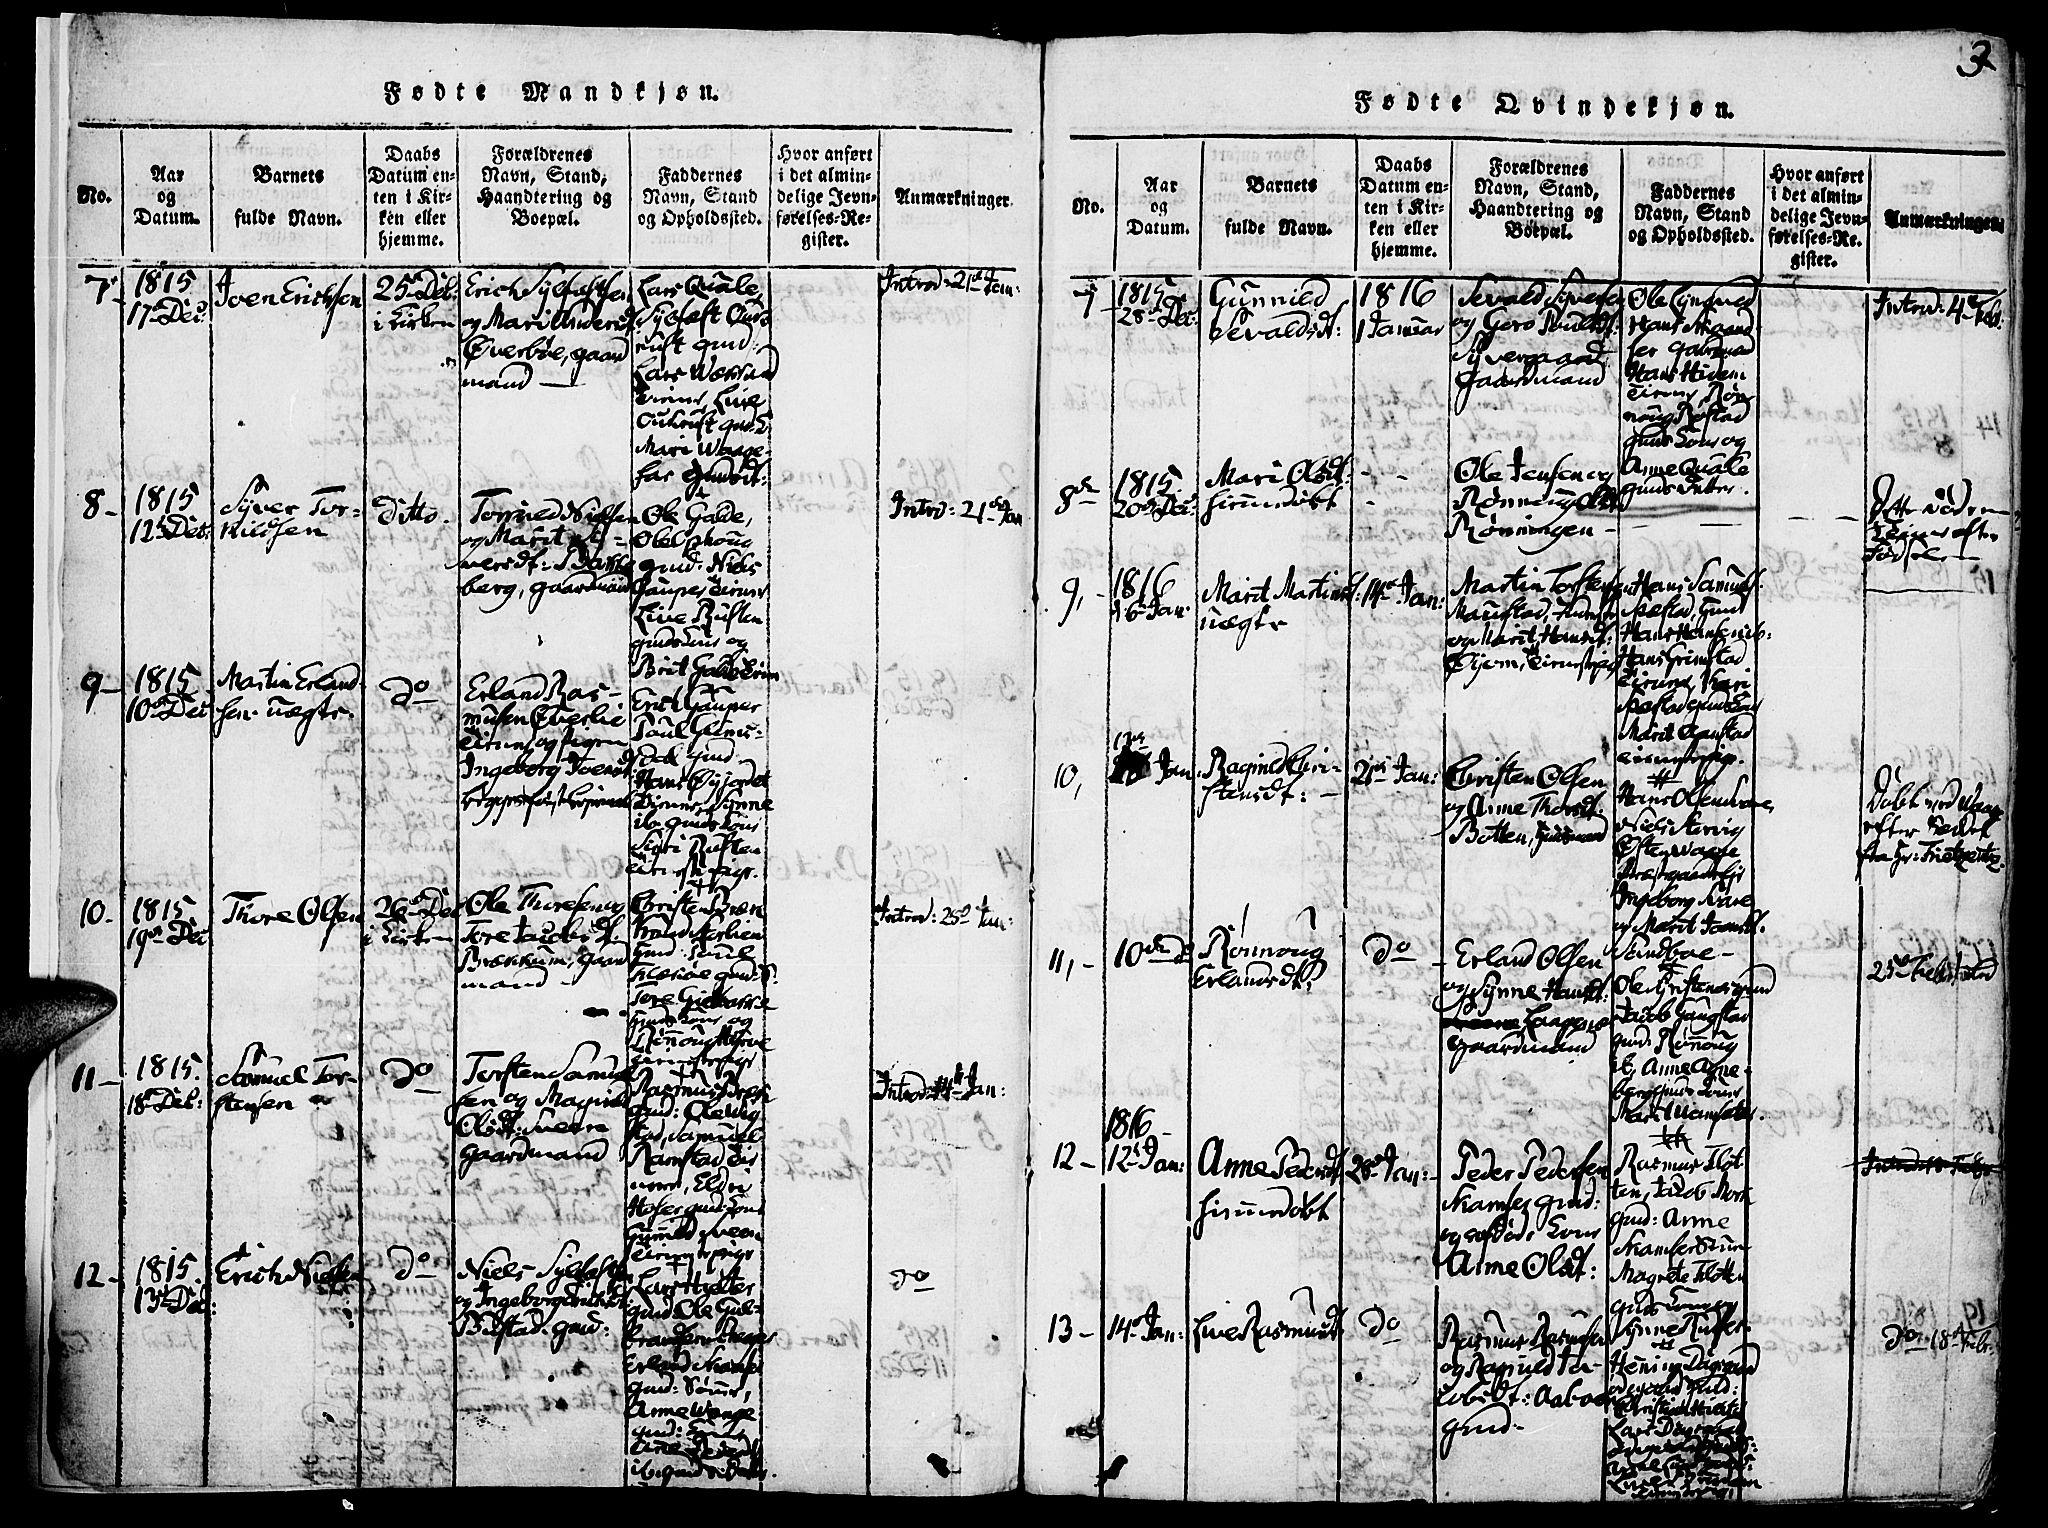 SAH, Lom prestekontor, K/L0004: Ministerialbok nr. 4, 1815-1825, s. 3